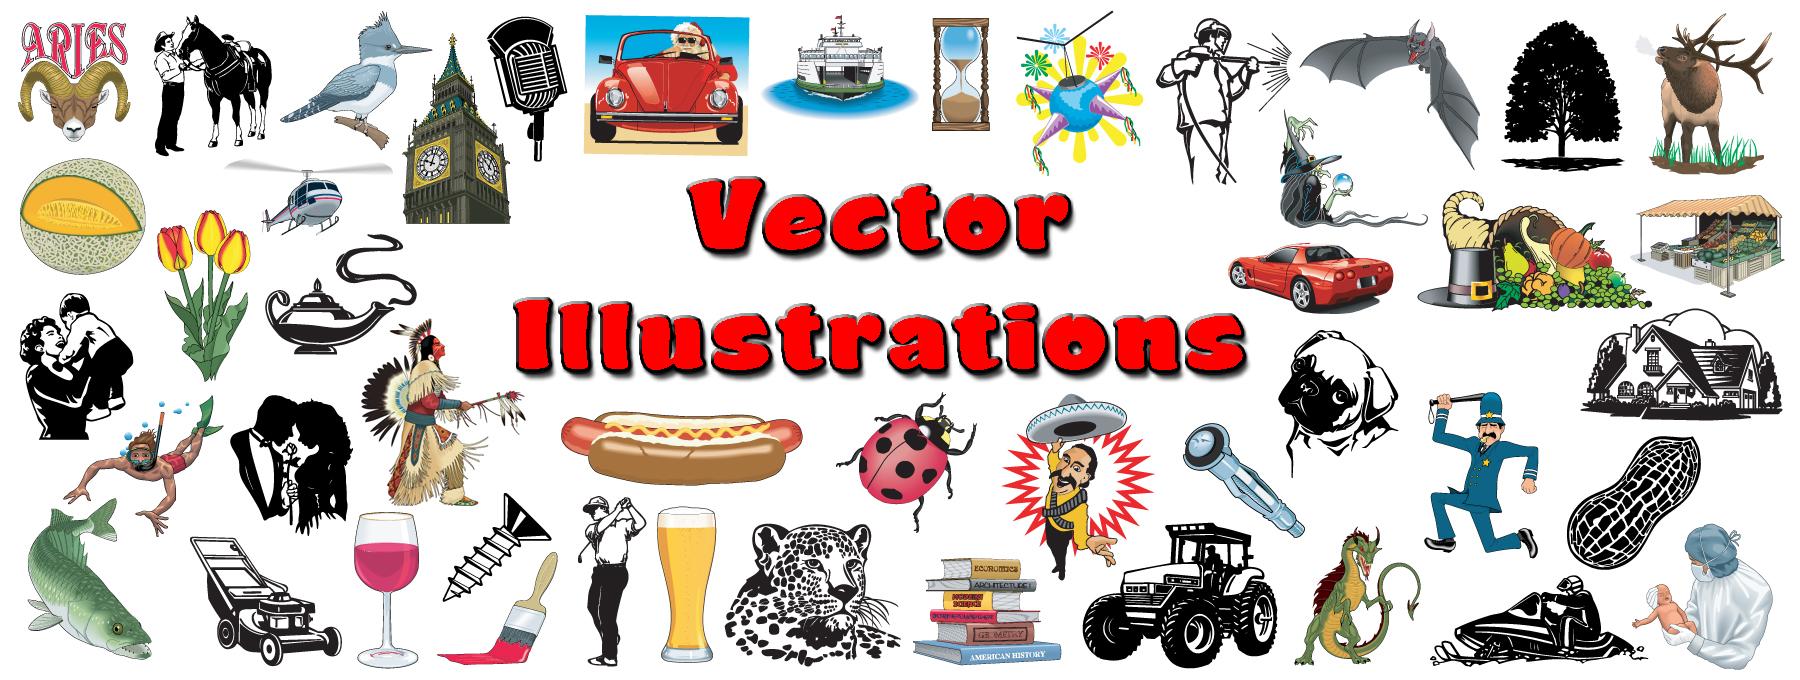 Vector_Illustrations.jpg